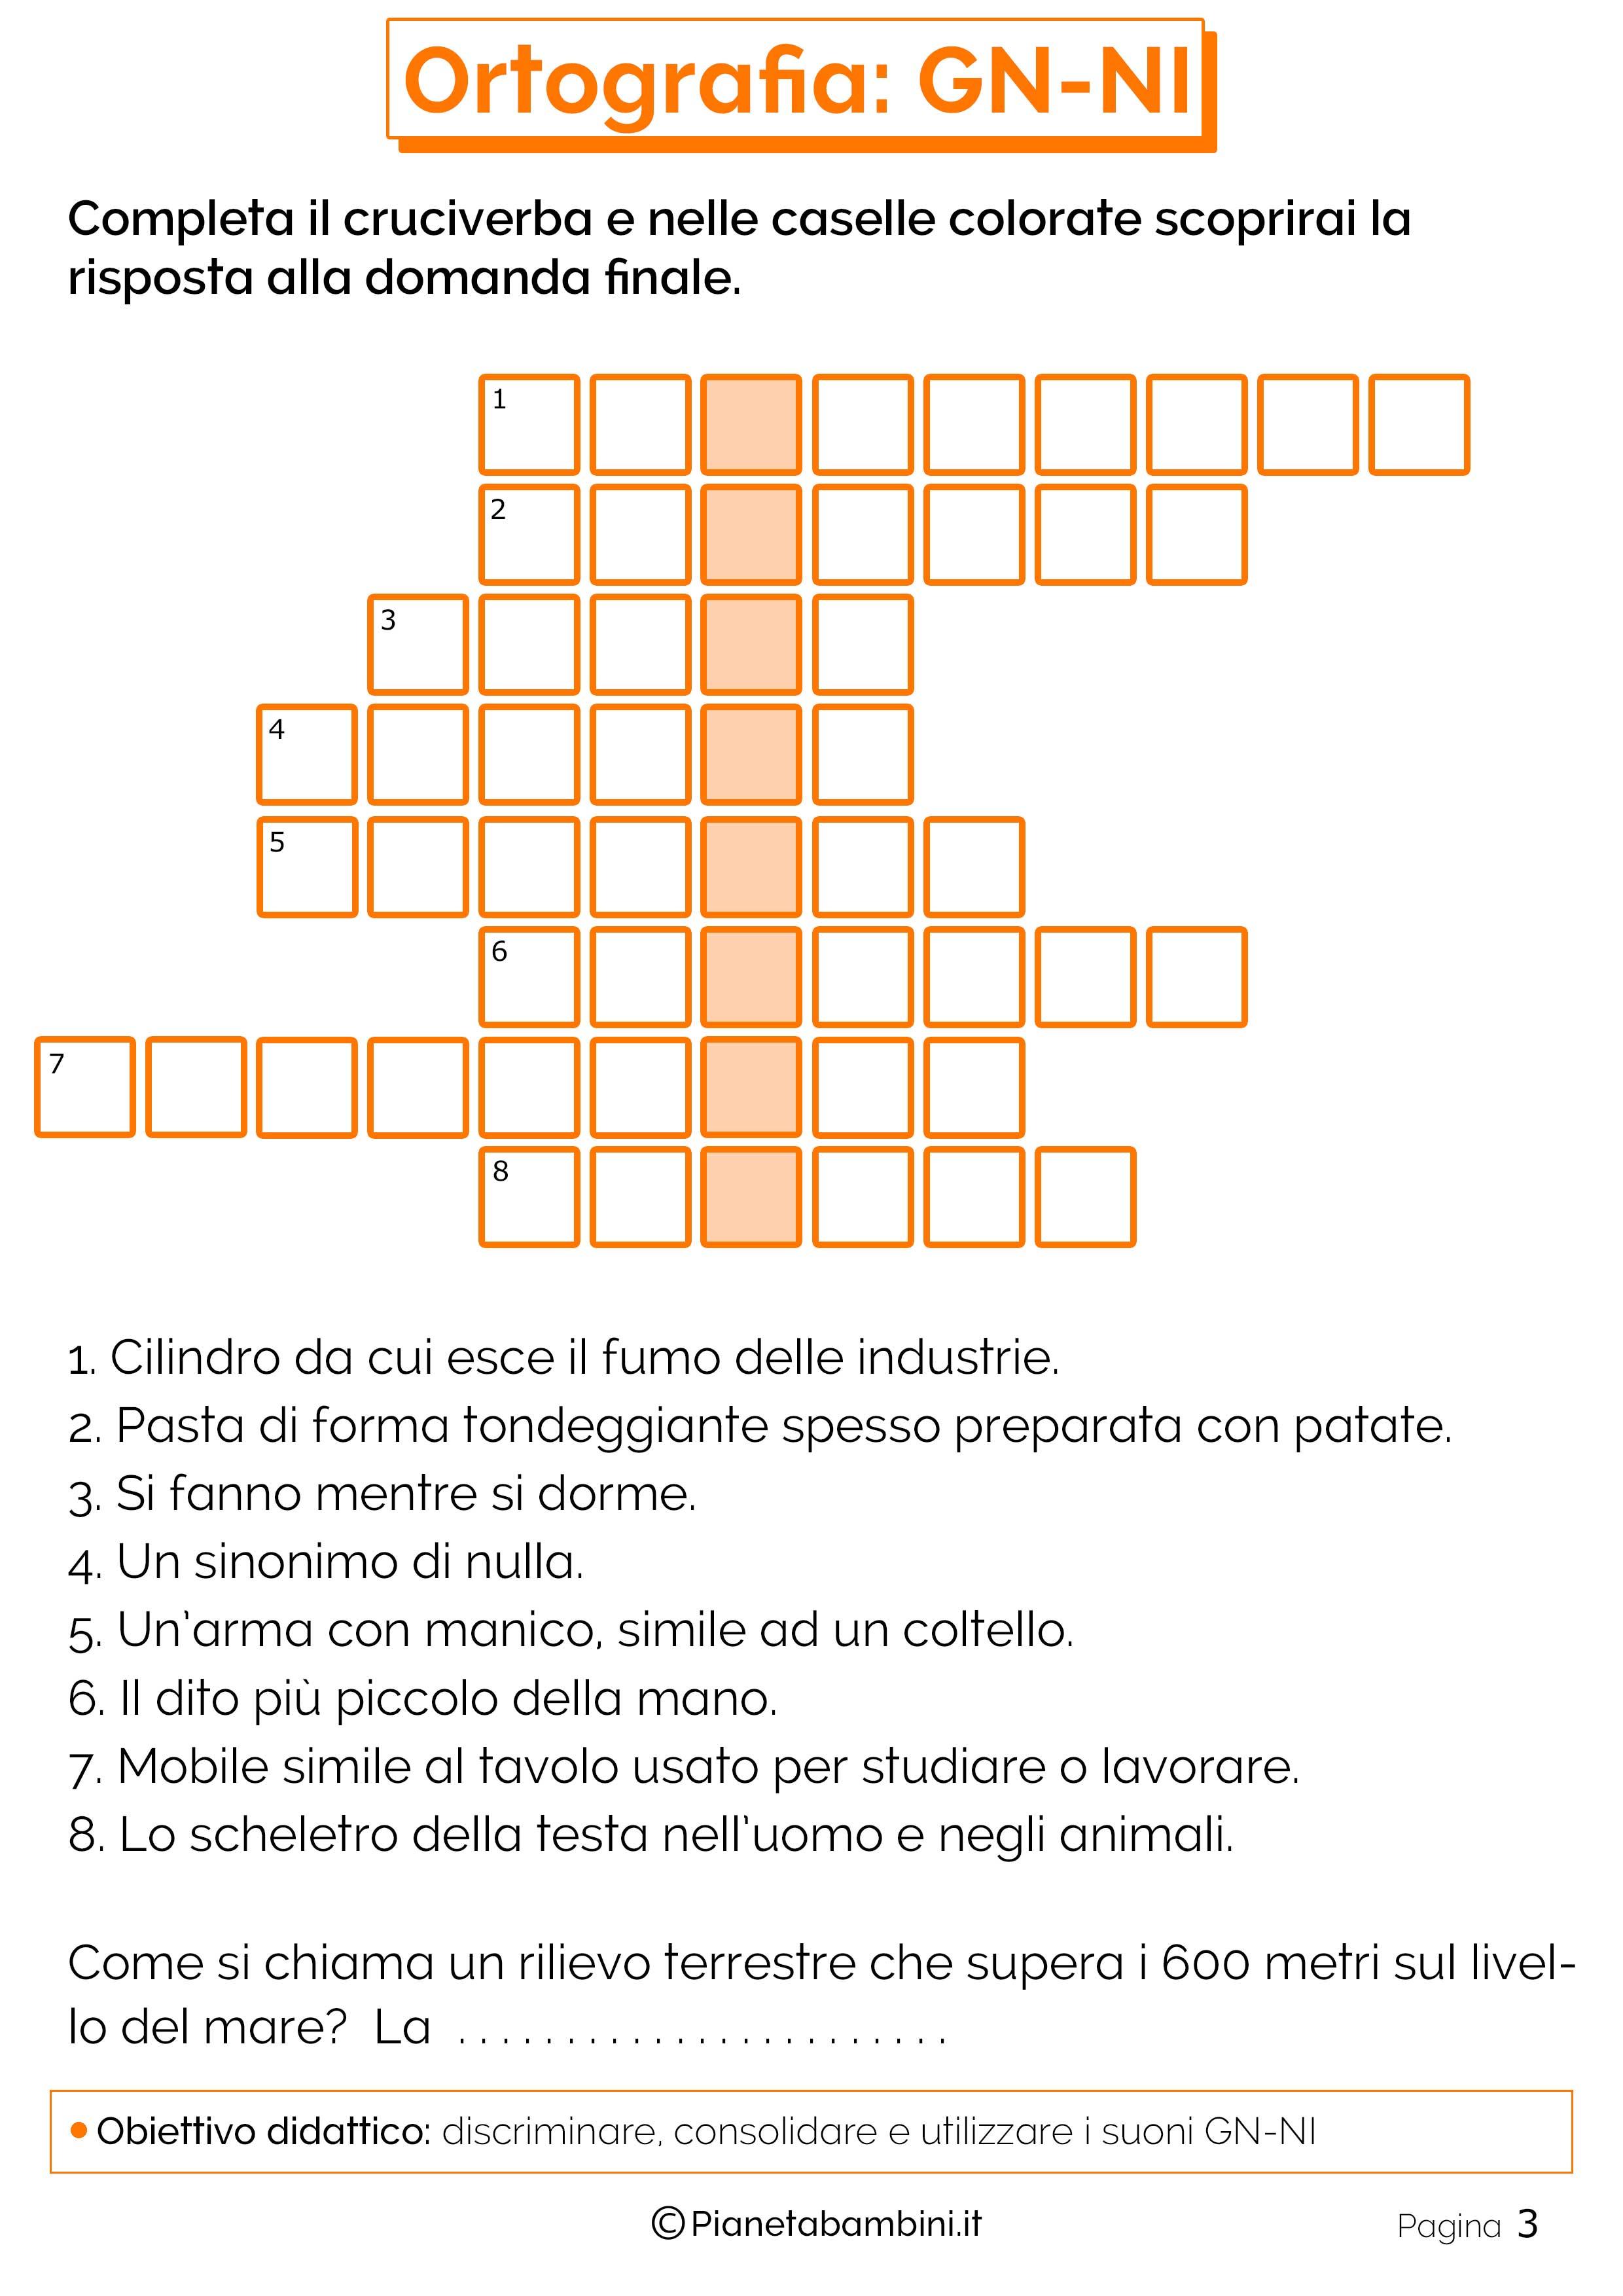 Favoloso Schede Didattiche su GN-NI da Stampare | PianetaBambini.it IJ03